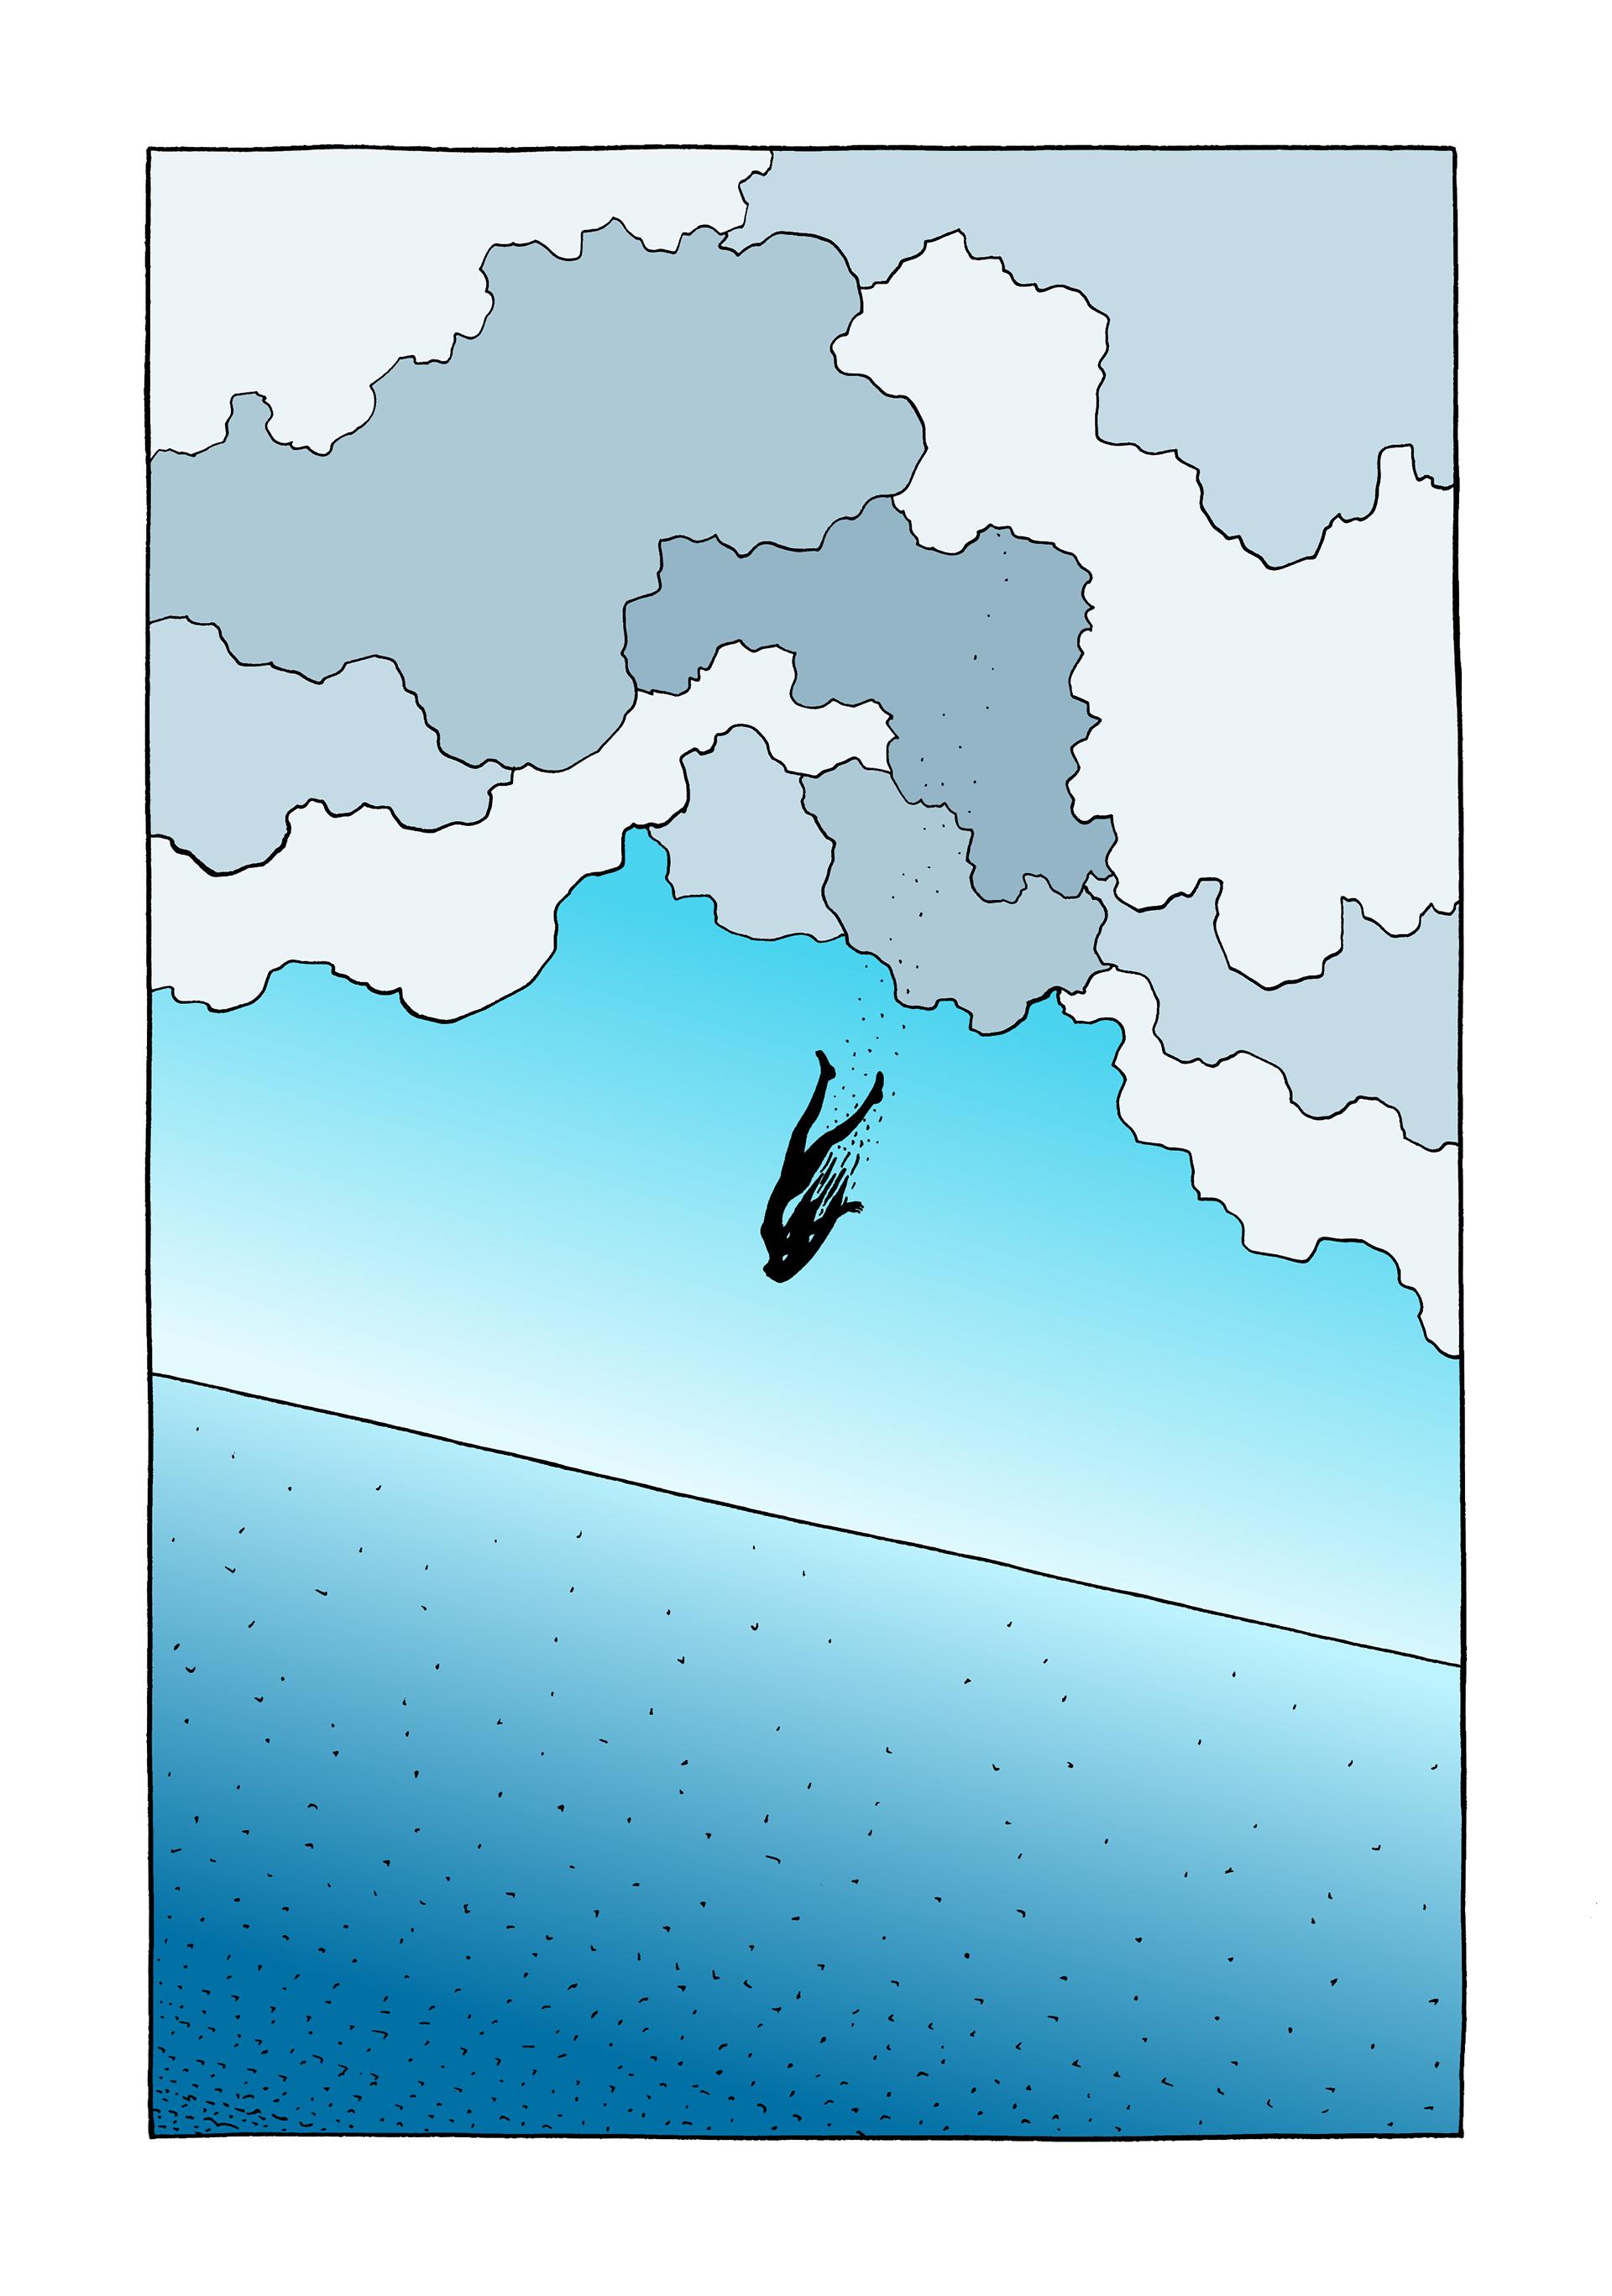 20200215 动漫插画 591素材_04296.png